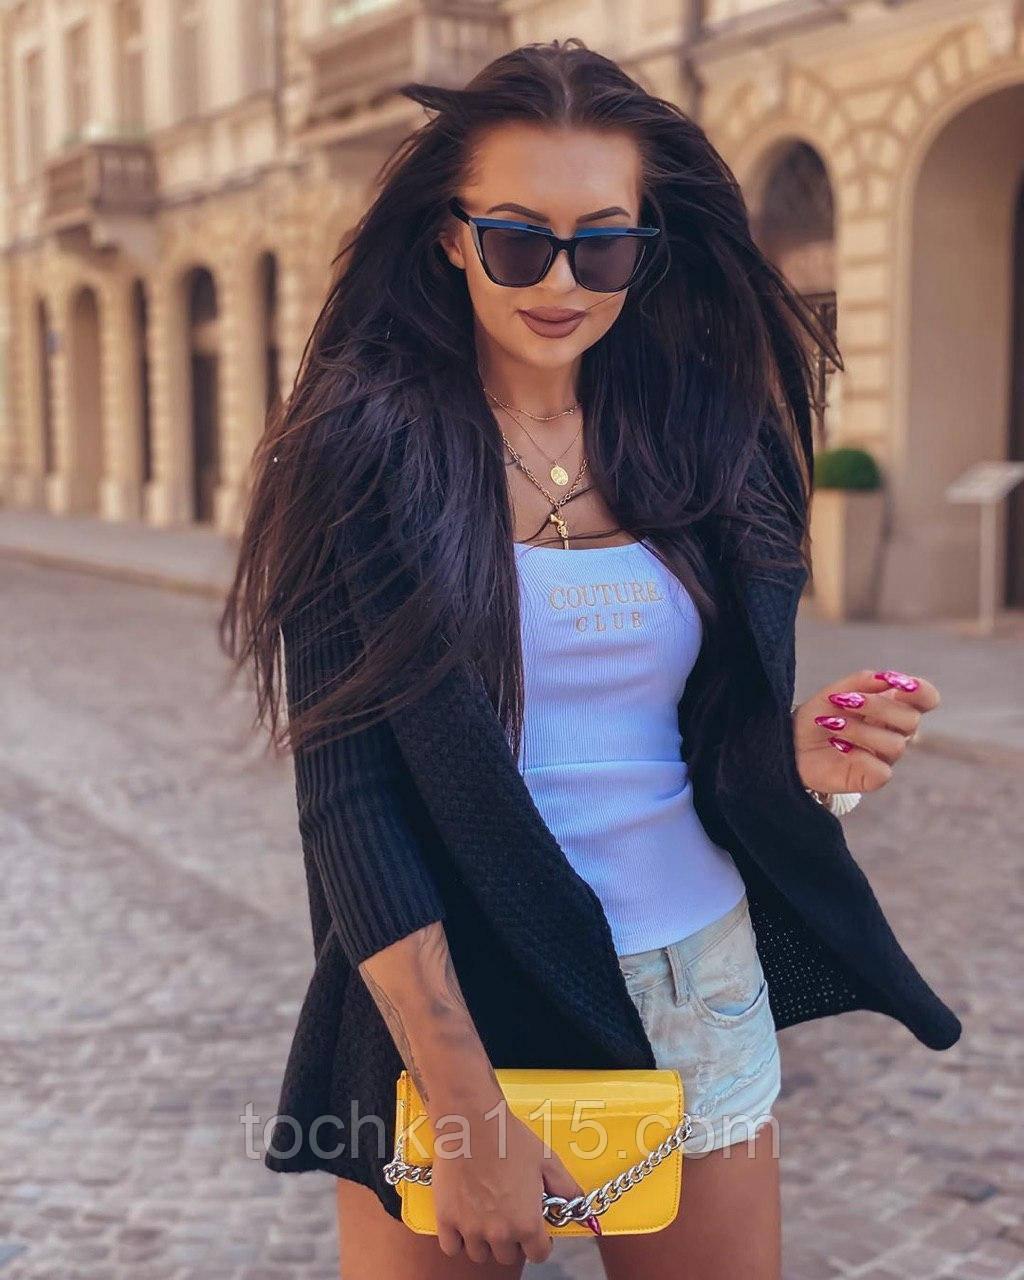 Женский вязанный кардиган идеальный вариант на прохладные вечера  42-46р, черный